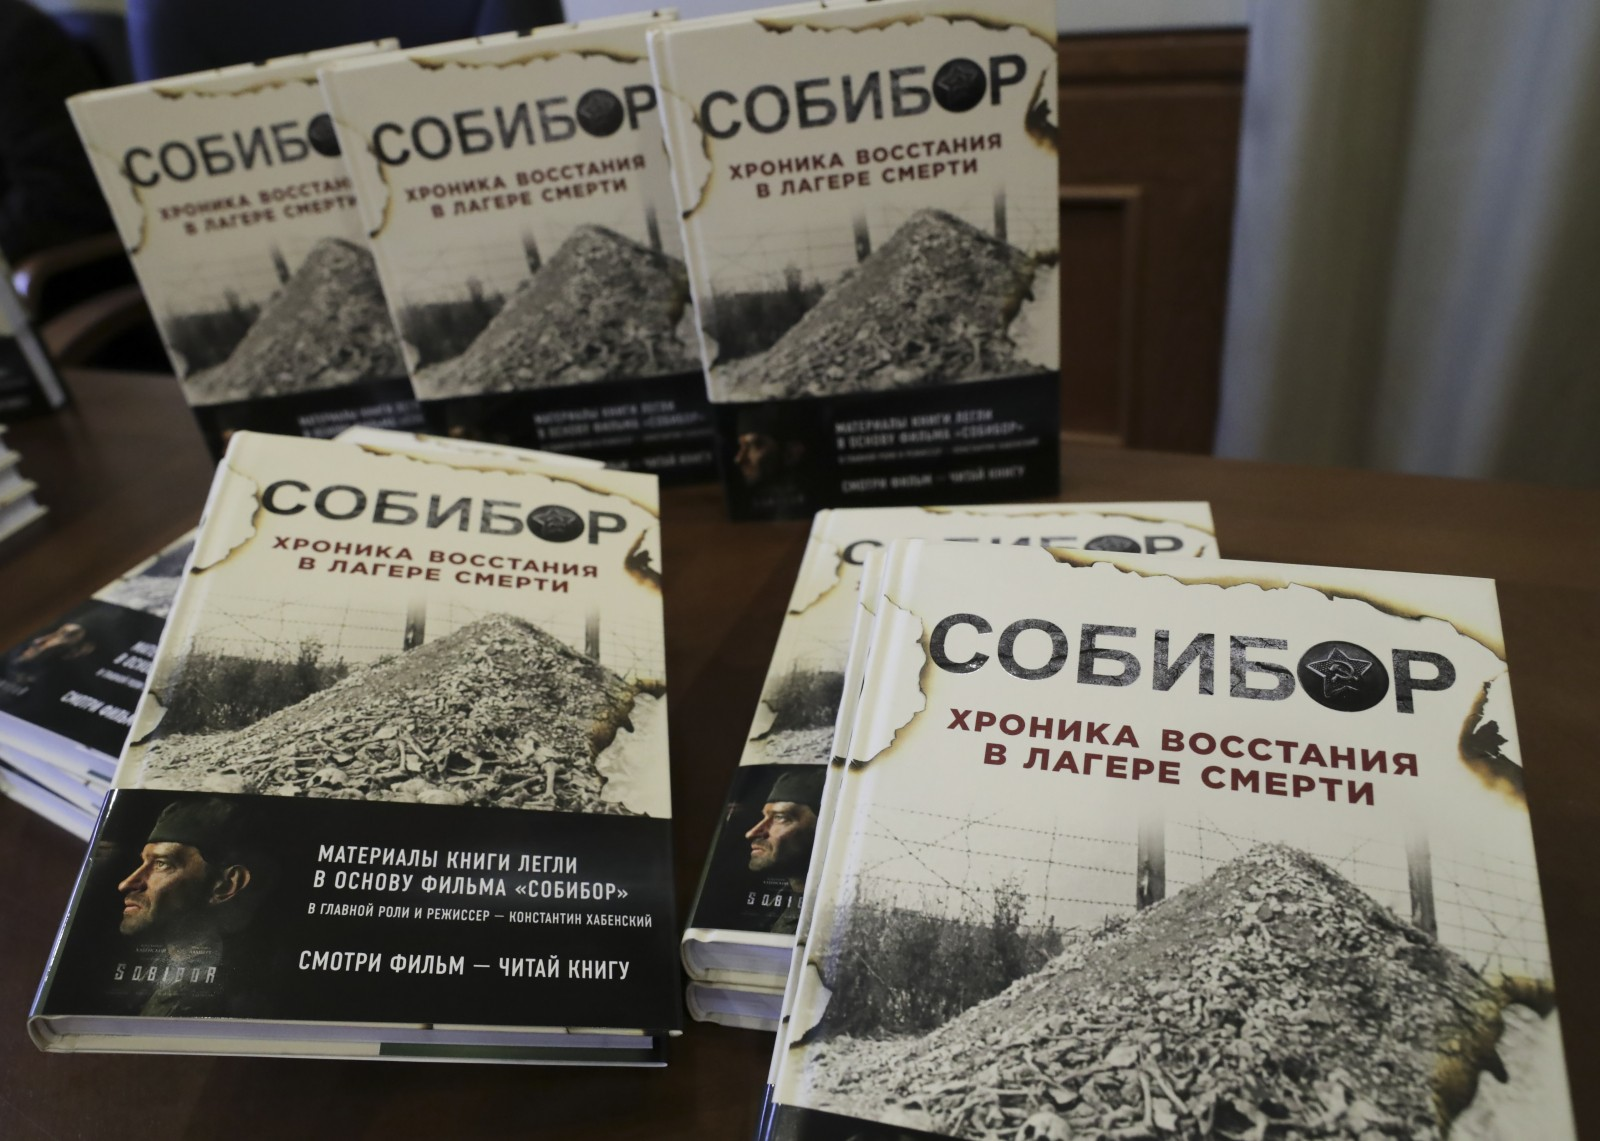 В Женеве прошла фотовыставка, посвященная 75-летию восстания в концлагере «Собибор»